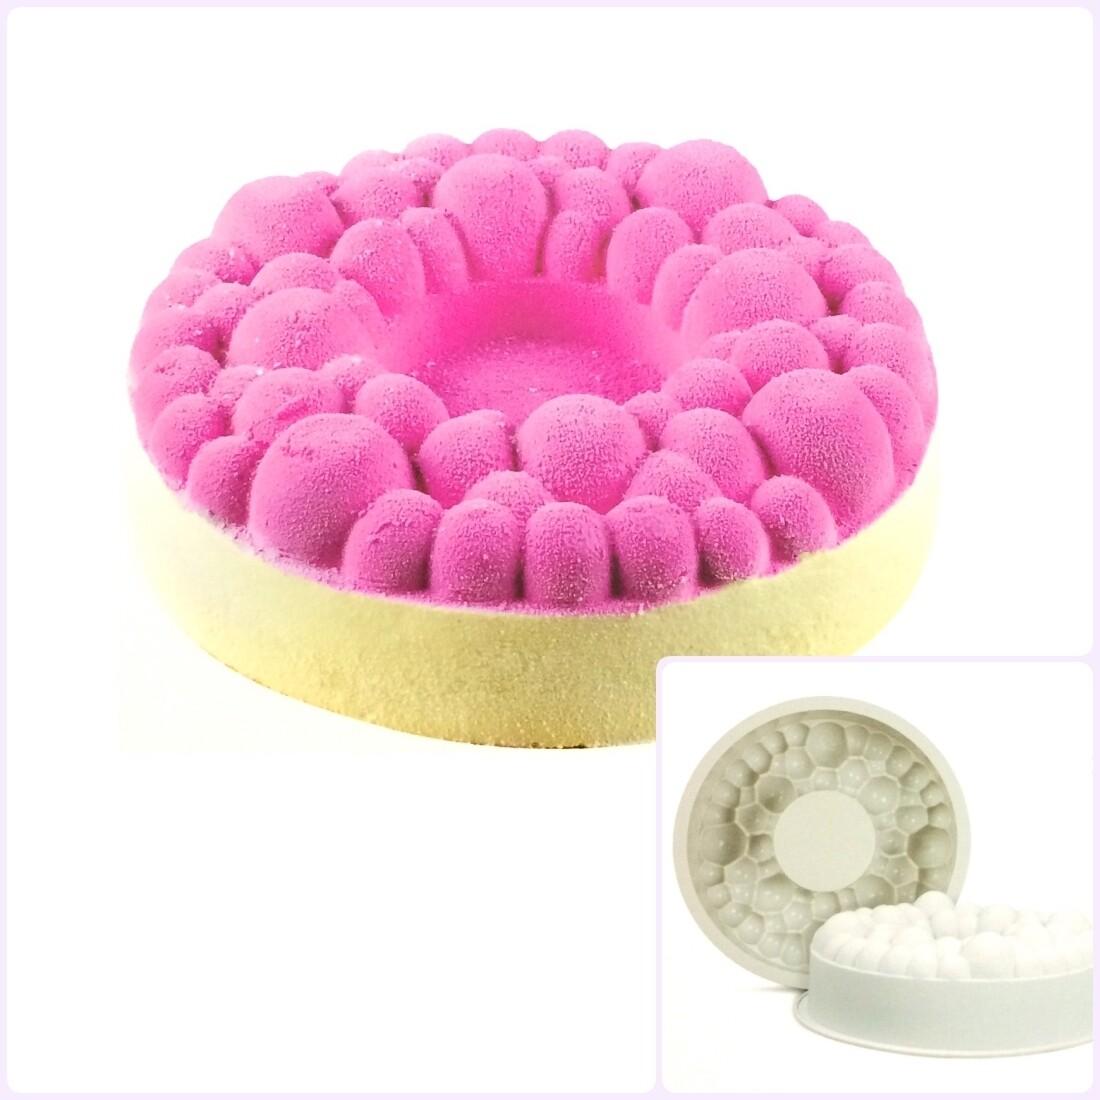 Силиконовая форма 3D для муссового торта | Баблс ∅240 мм